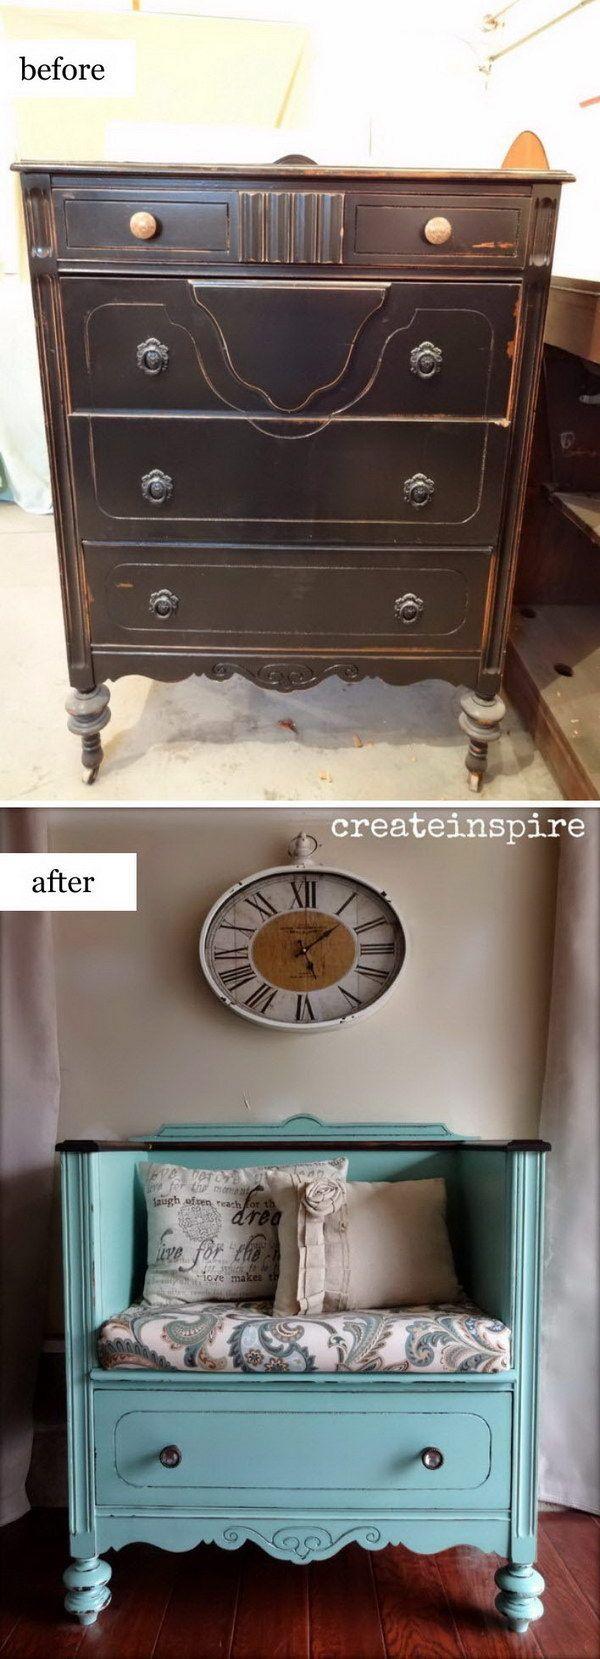 Dresser Drawer Shelves 25 Best Dresser Drawer Shelves Ideas On Pinterest Dressers For